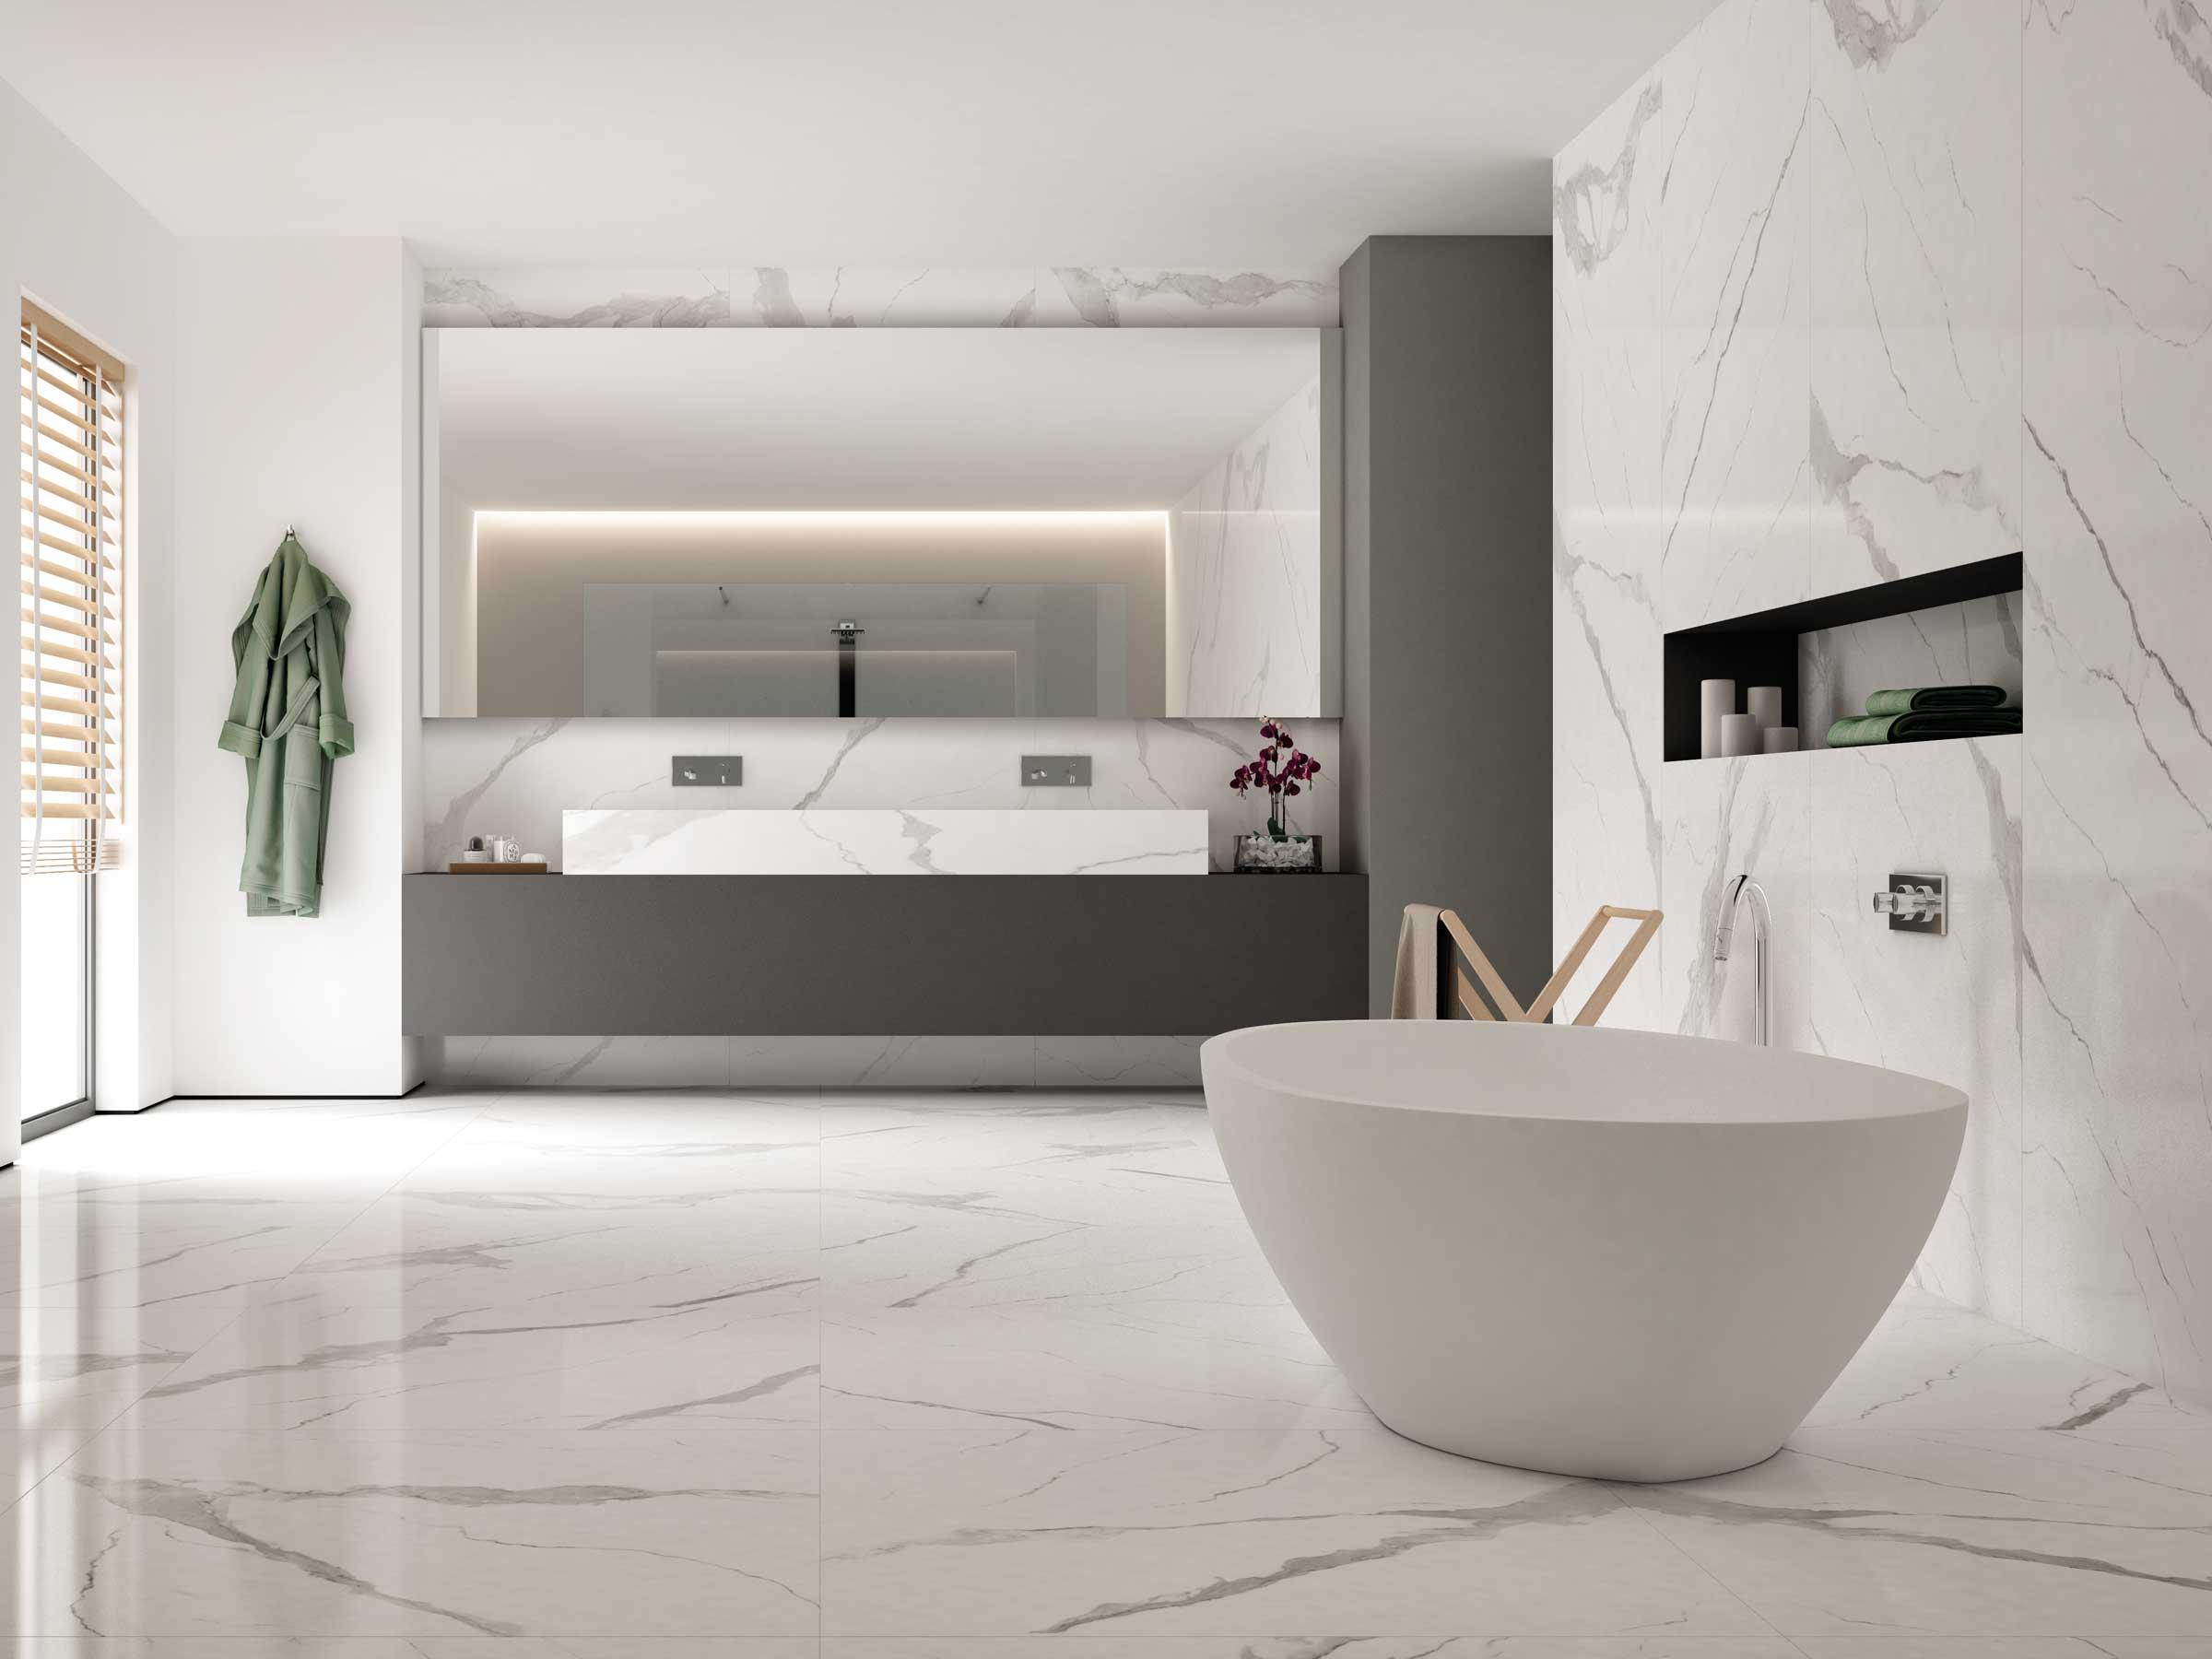 Piastrelle gres porcellanato savoia italia capri pavimenti interni